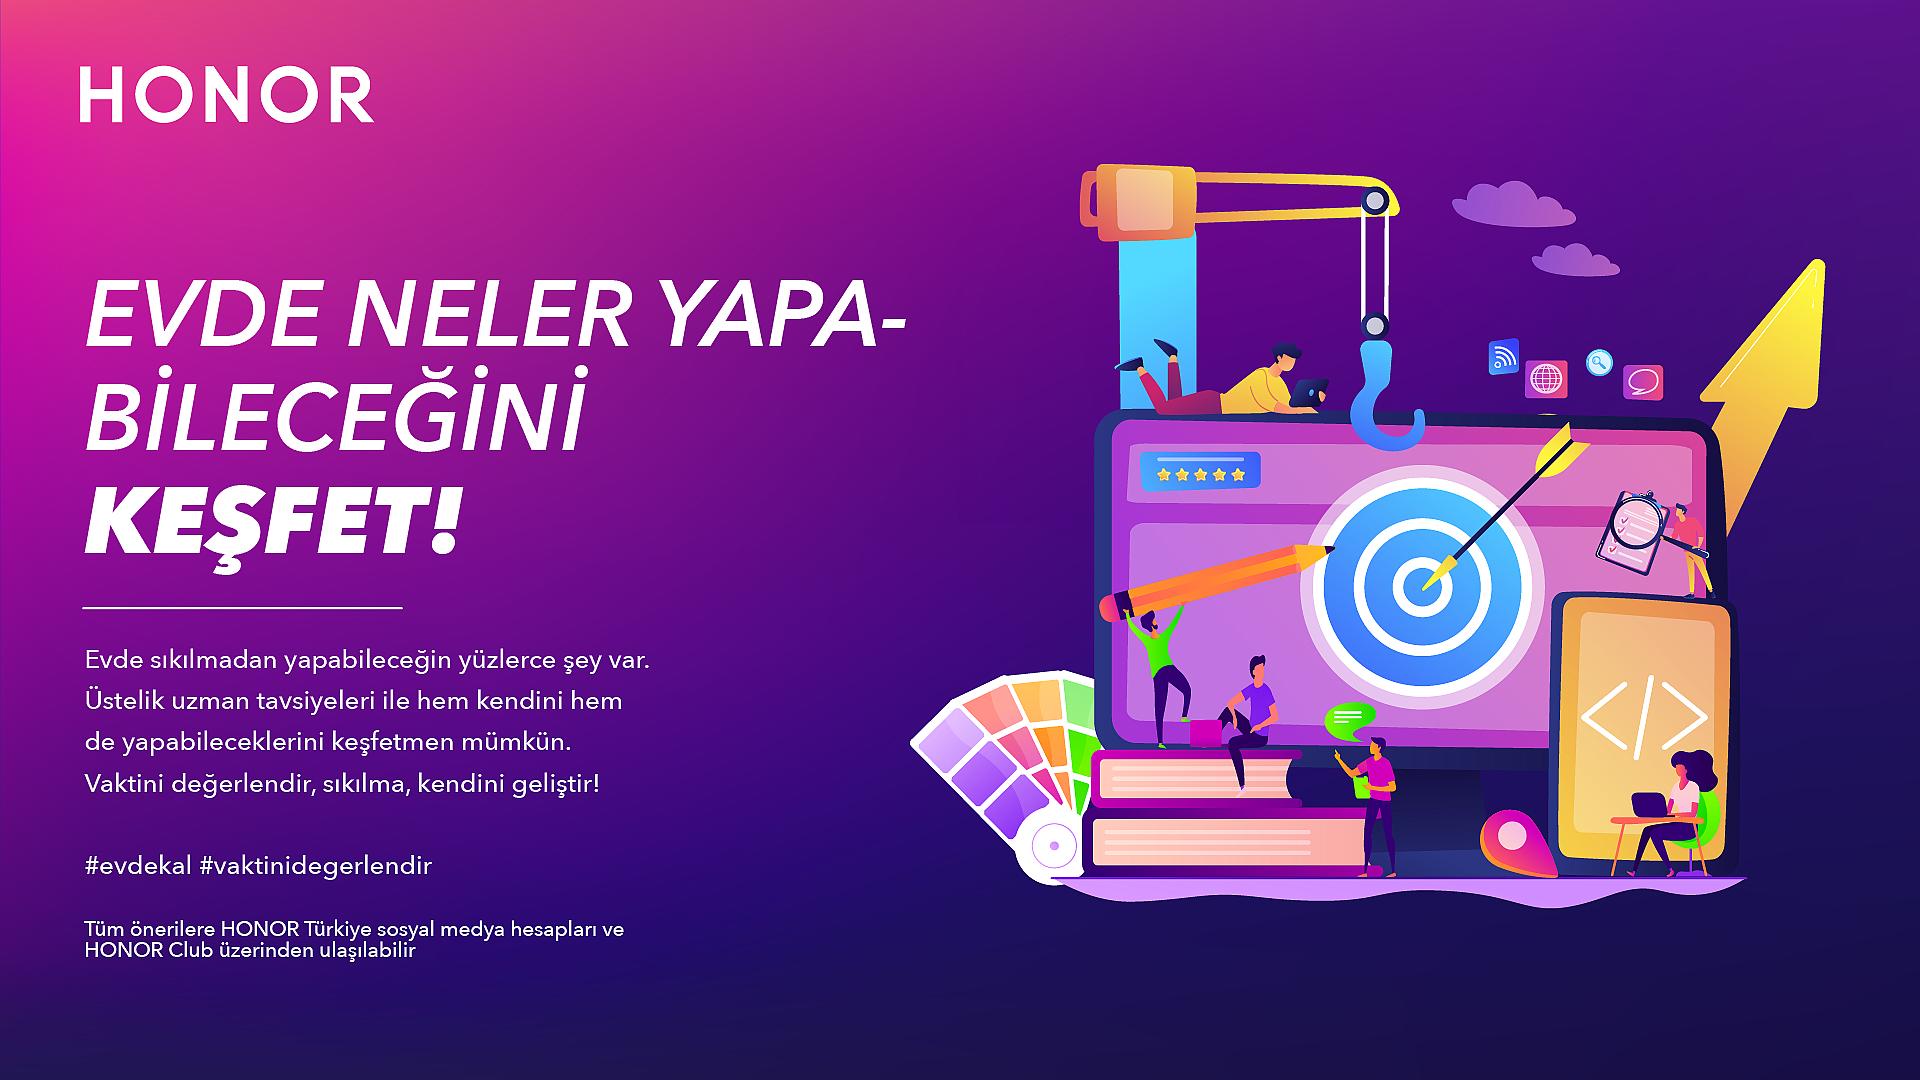 HONOR Türkiye'den 'Evde Vaktini Değerlendir' Çağrısı